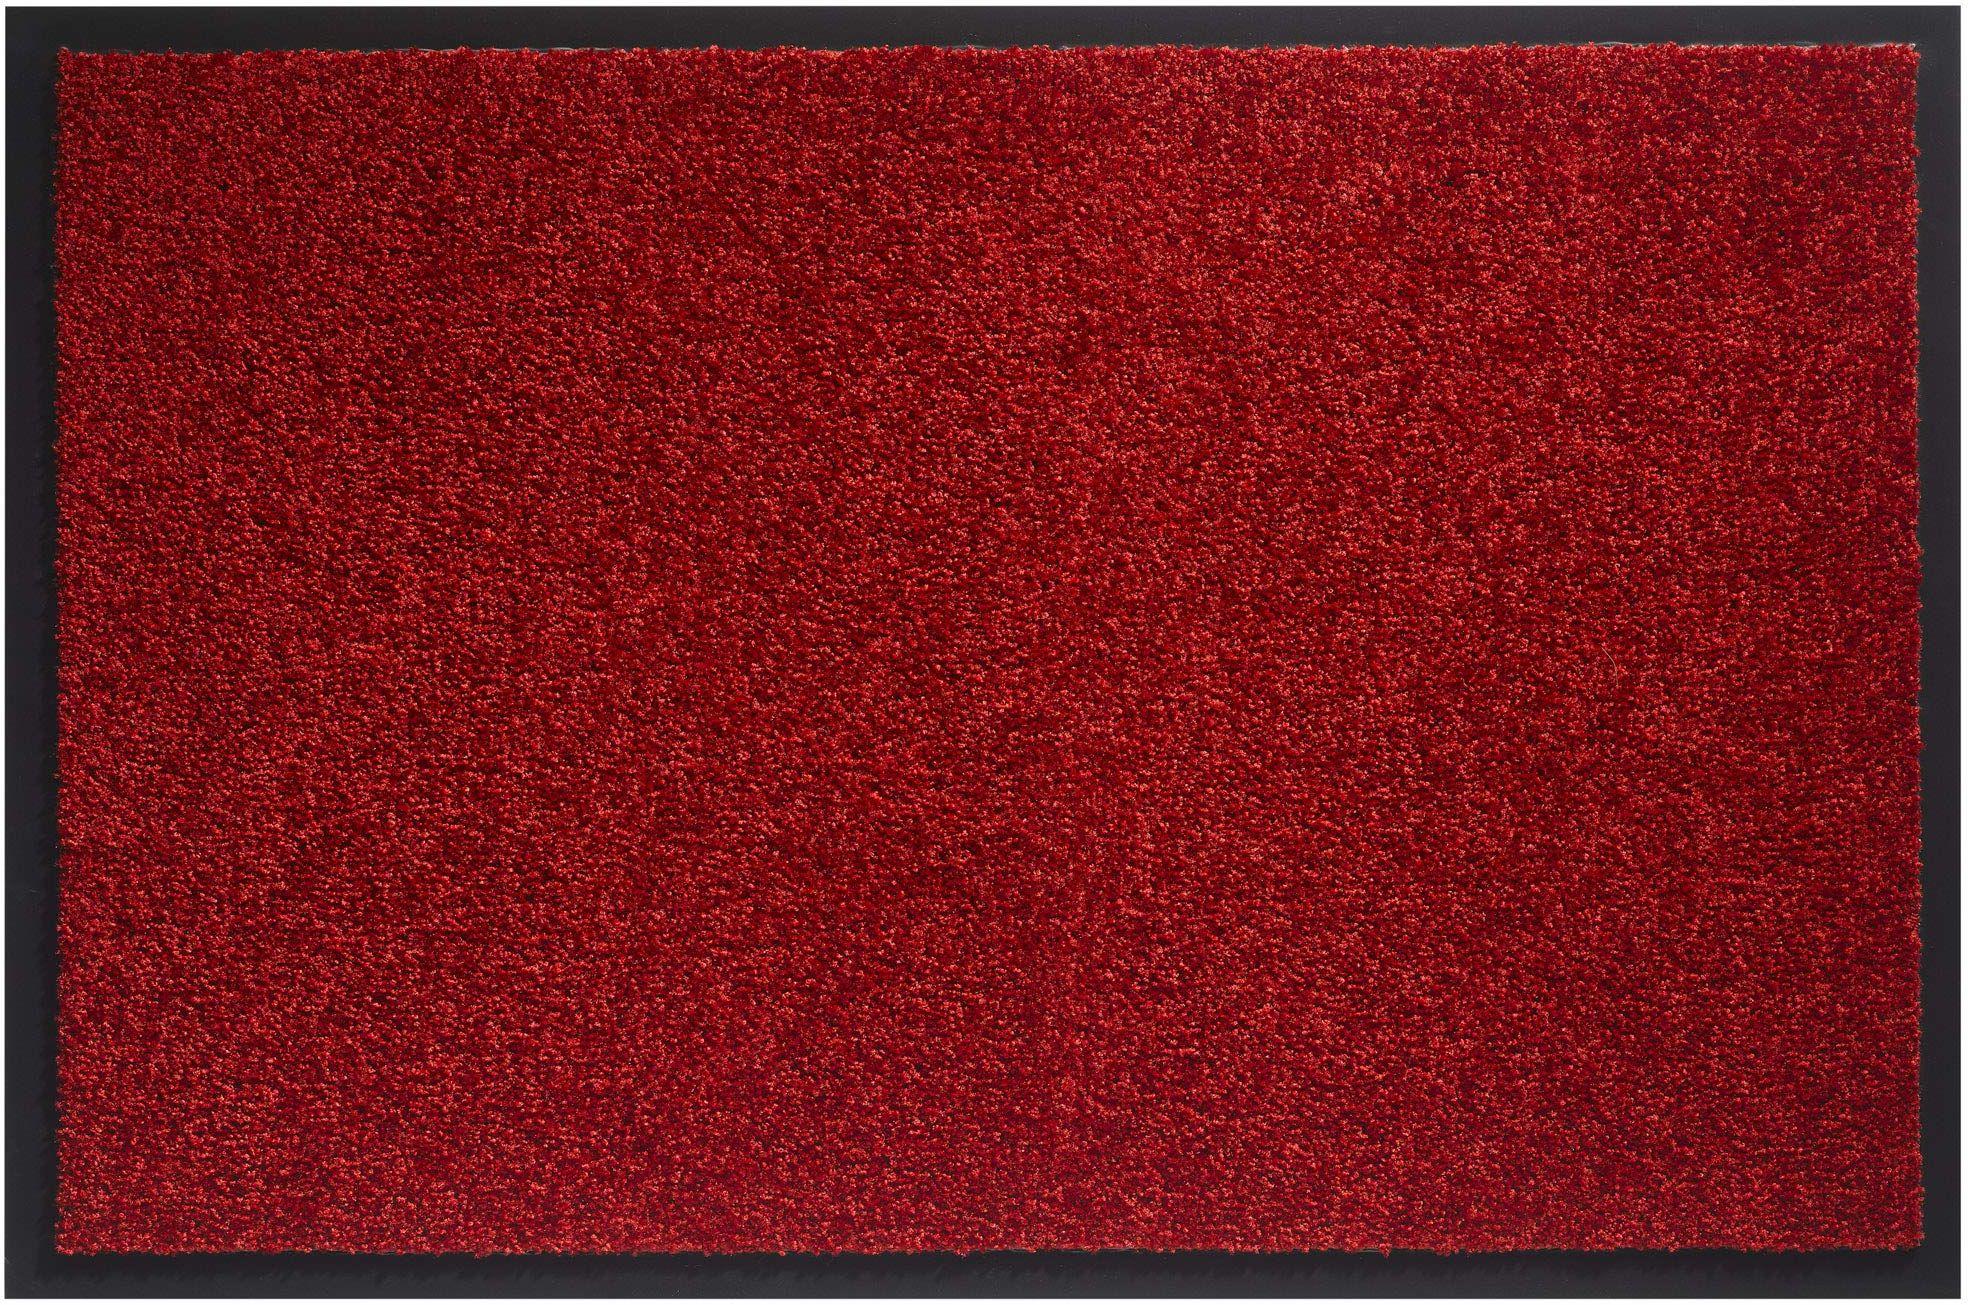 Twister wycieraczka przeciwpyłowa, do użytku we wnętrzach, poliamid czerwony, 60 x 80 cm